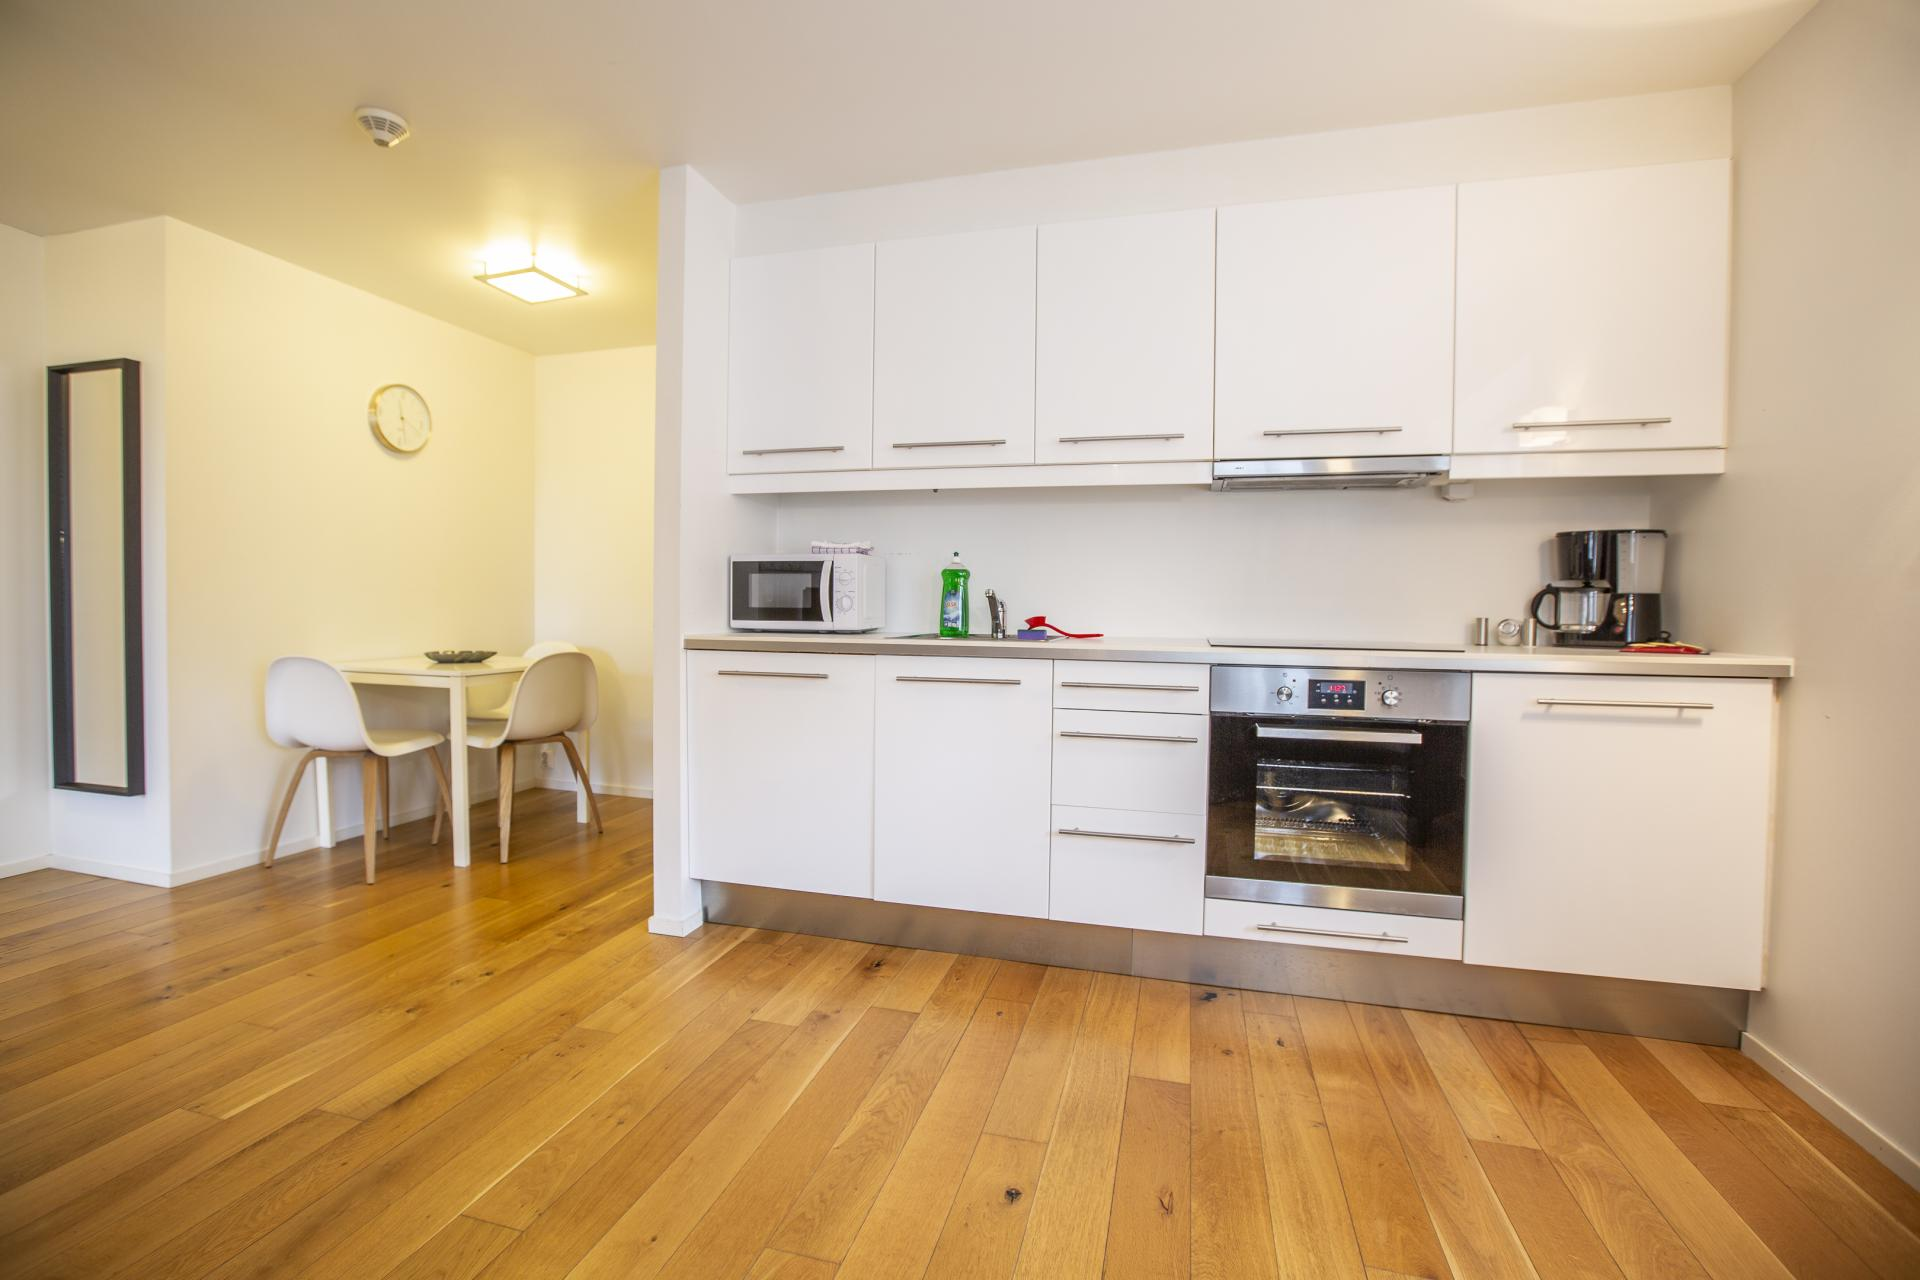 Kitchen at Saudagata 9 Apartment, Lagard, Stavanger